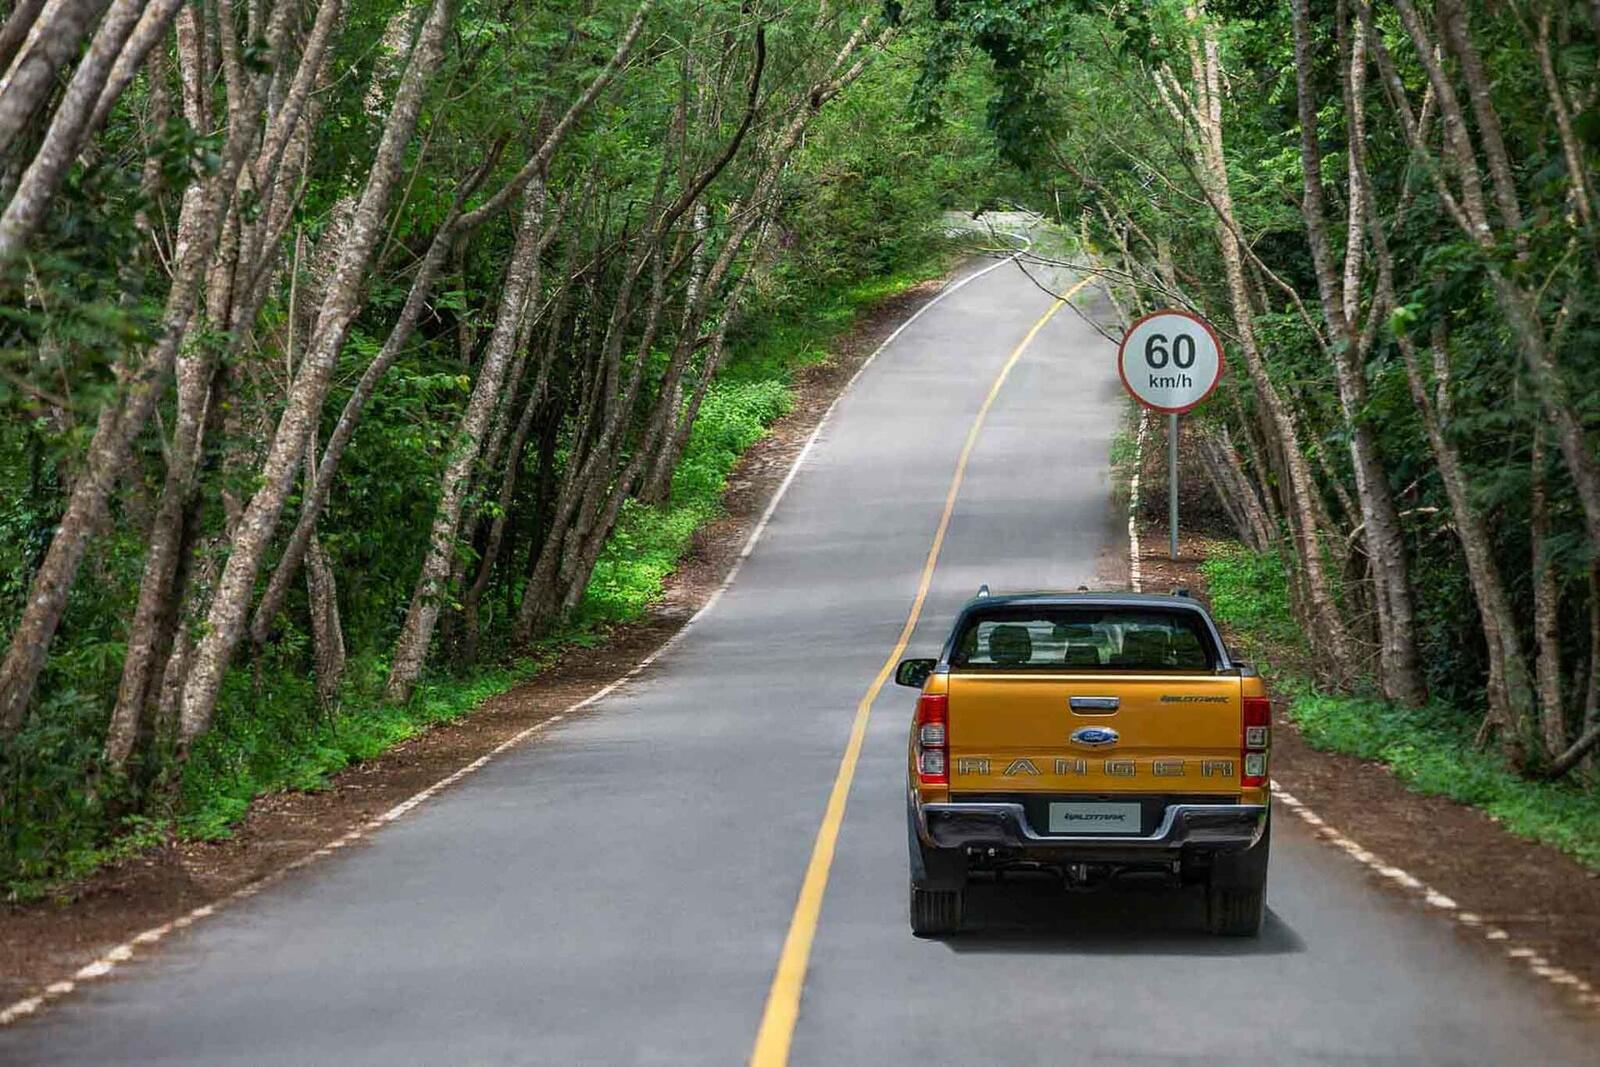 Ford Ranger đạt doanh số kỷ lục tại Châu Á Thái Bình Dương năm thứ 10 liên tiếp - Hình 8